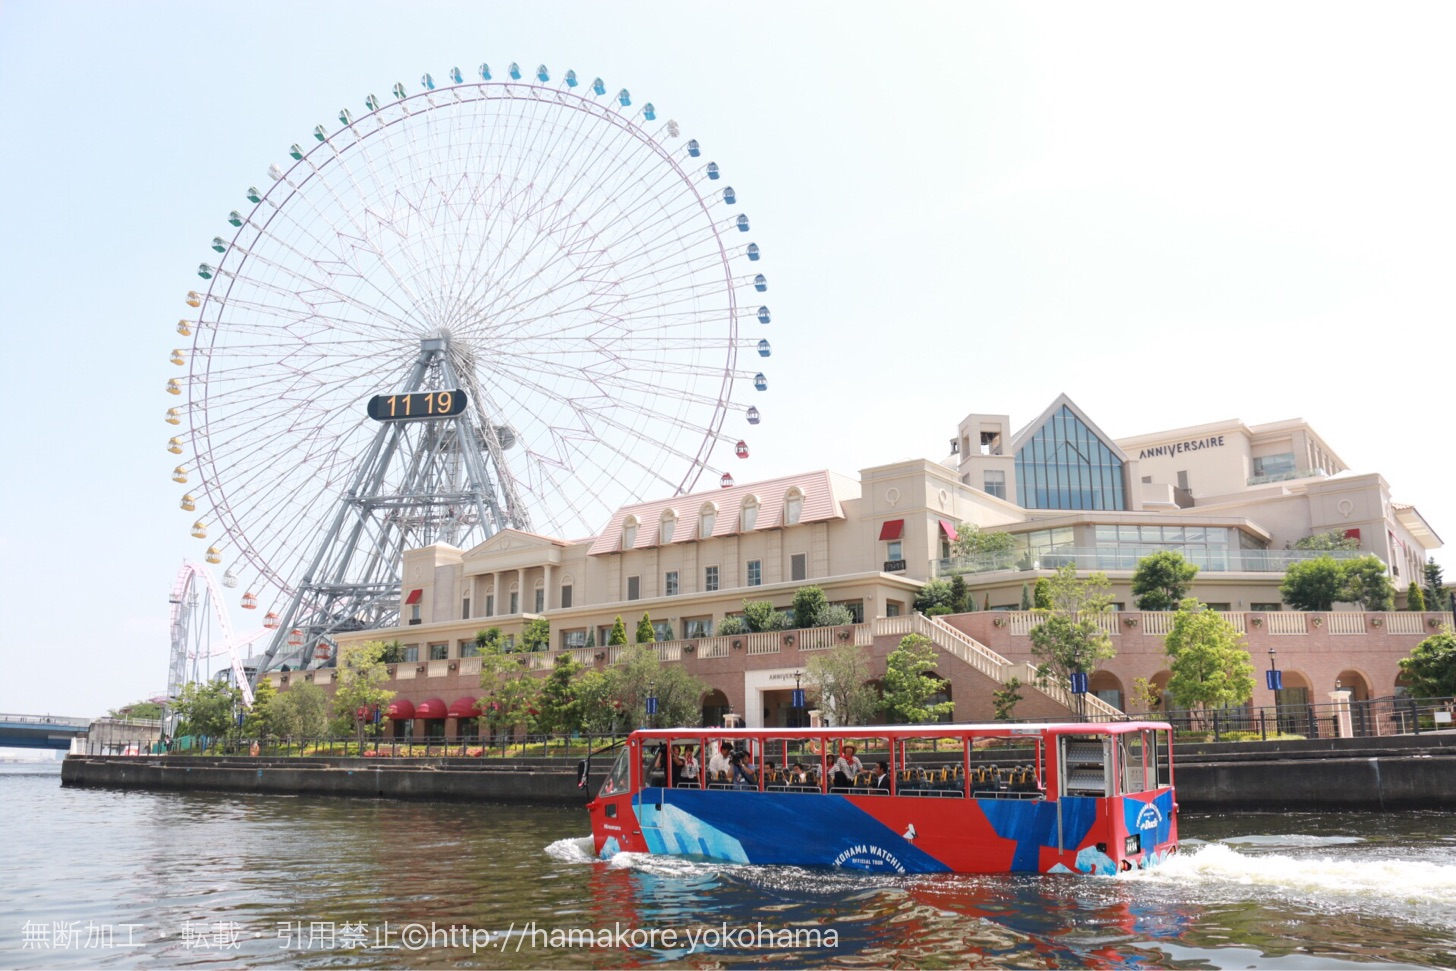 水陸両用バス横浜 陸と海から見た絶景と感想